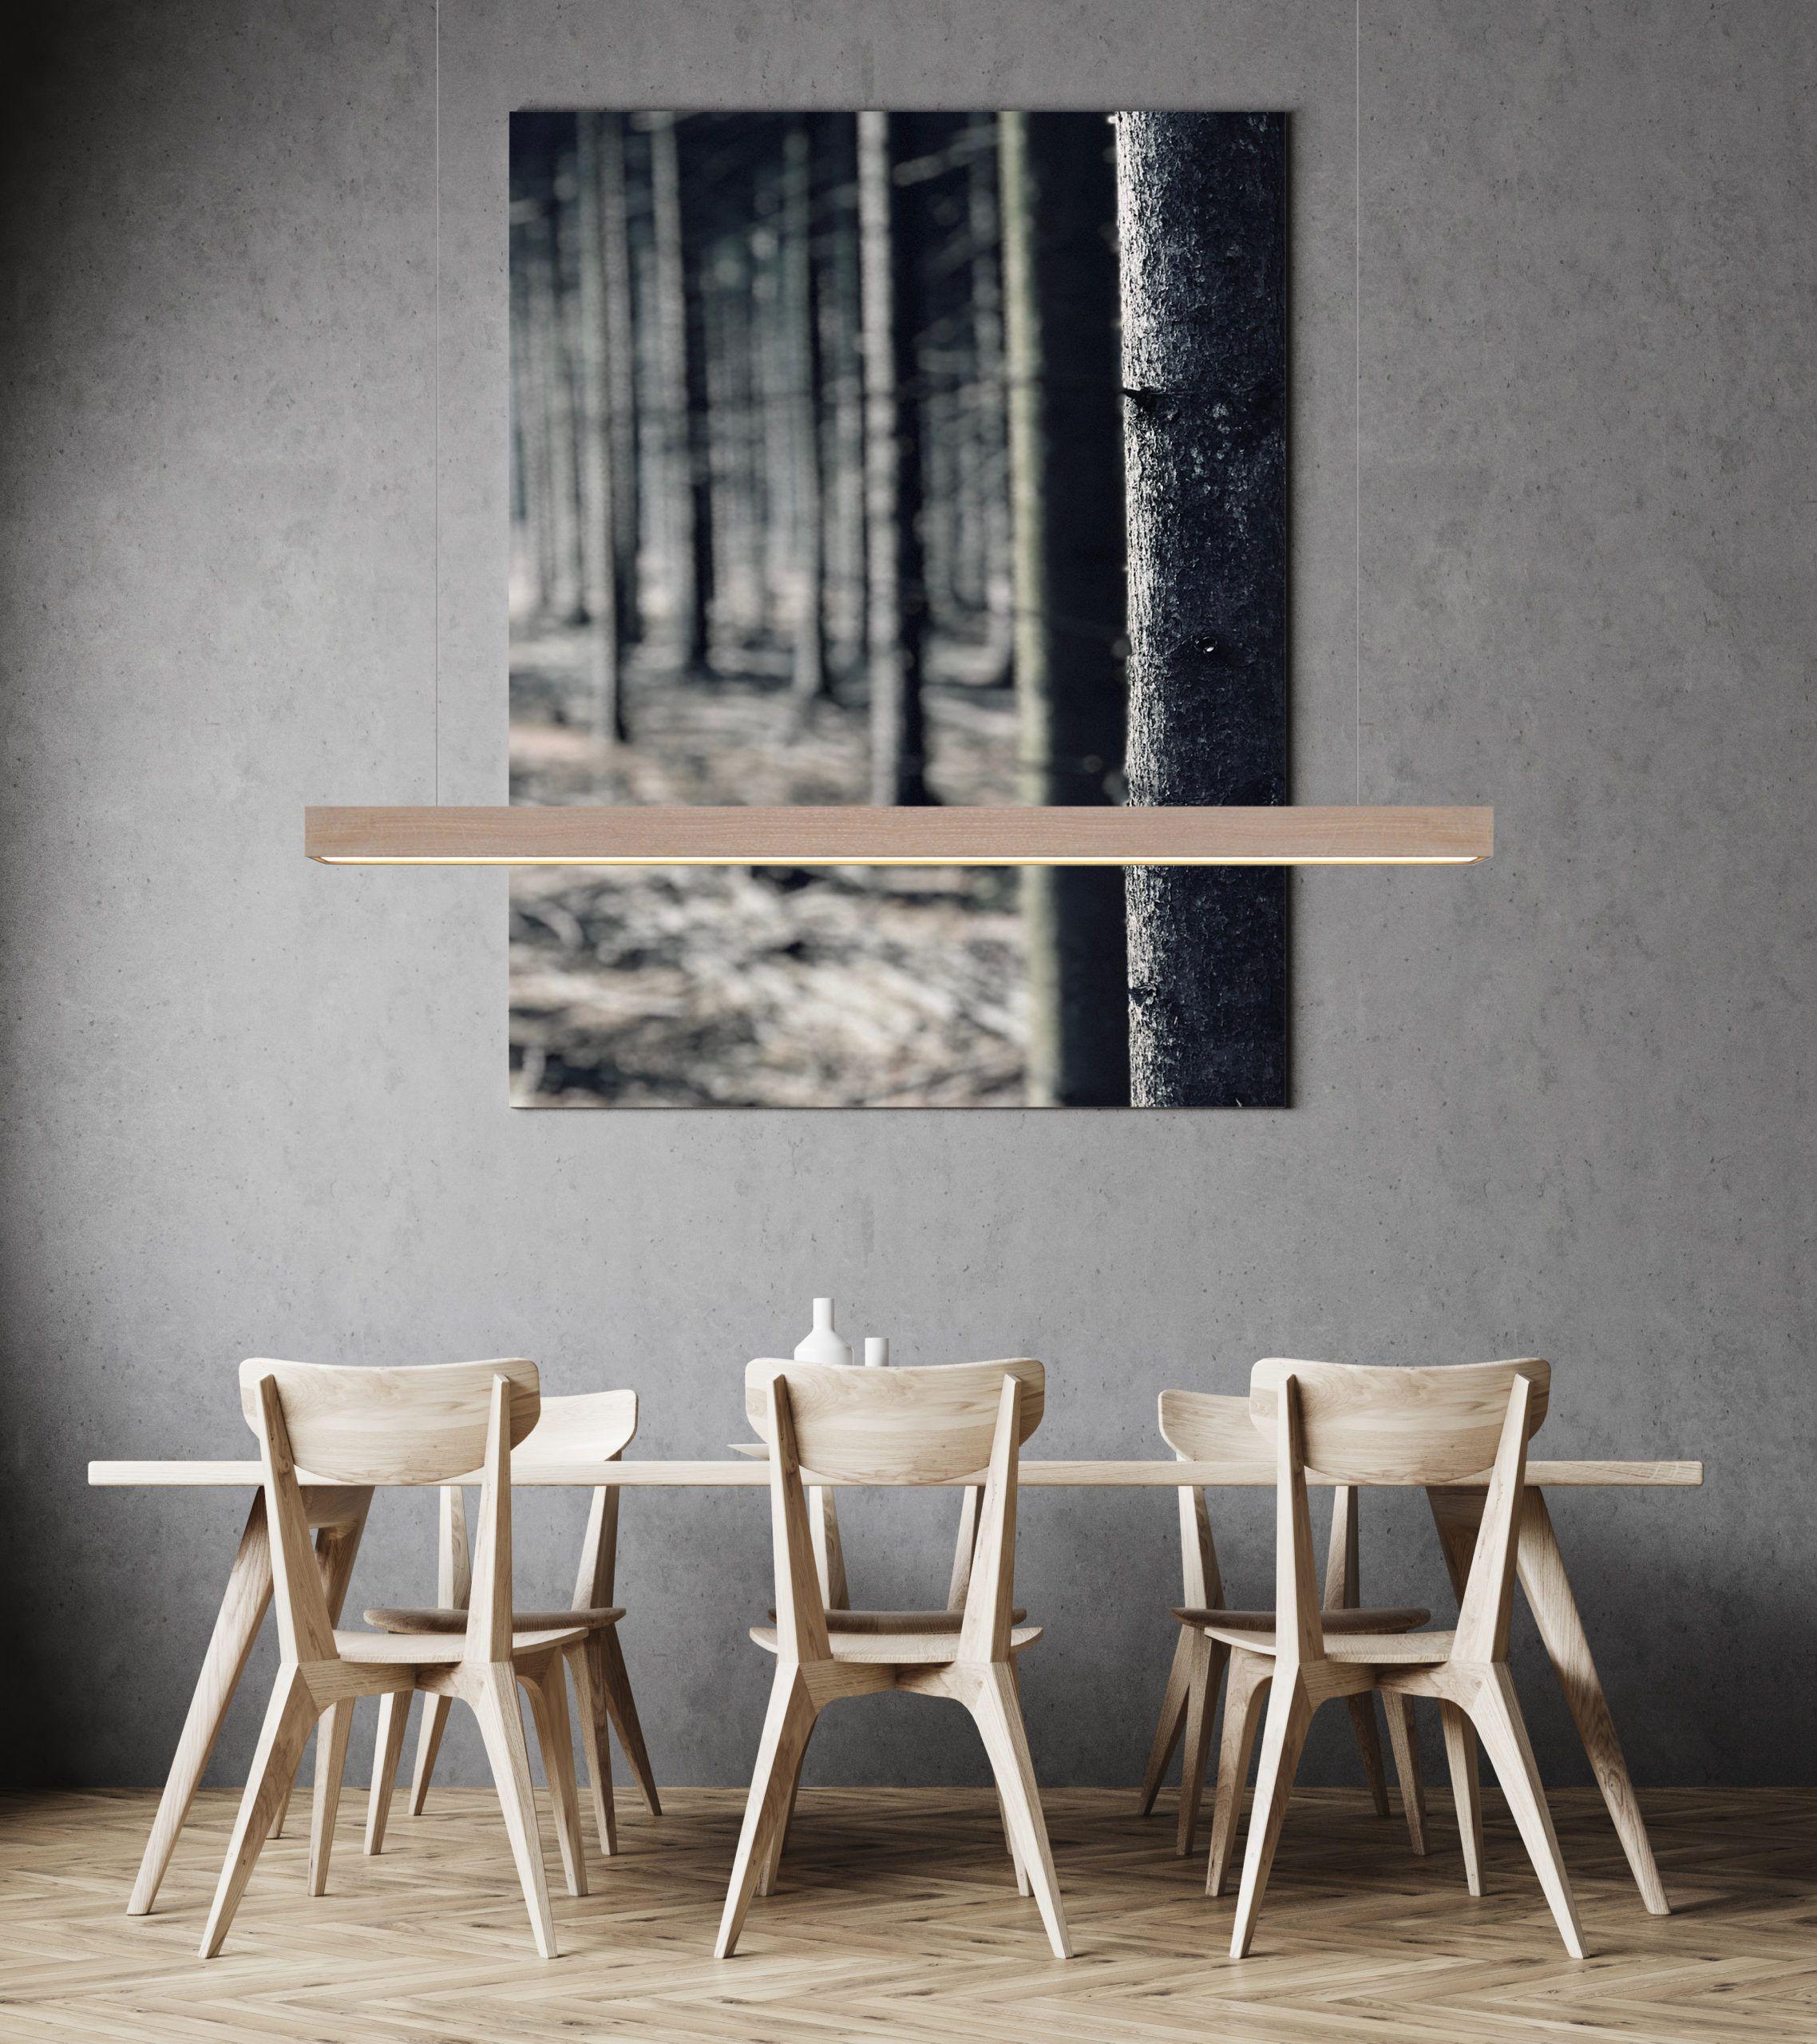 Moderne Led Hangeleuchten Aus Massivem Holz In Exklusiven Designs In 2020 Hangeleuchte Inneneinrichtung Led